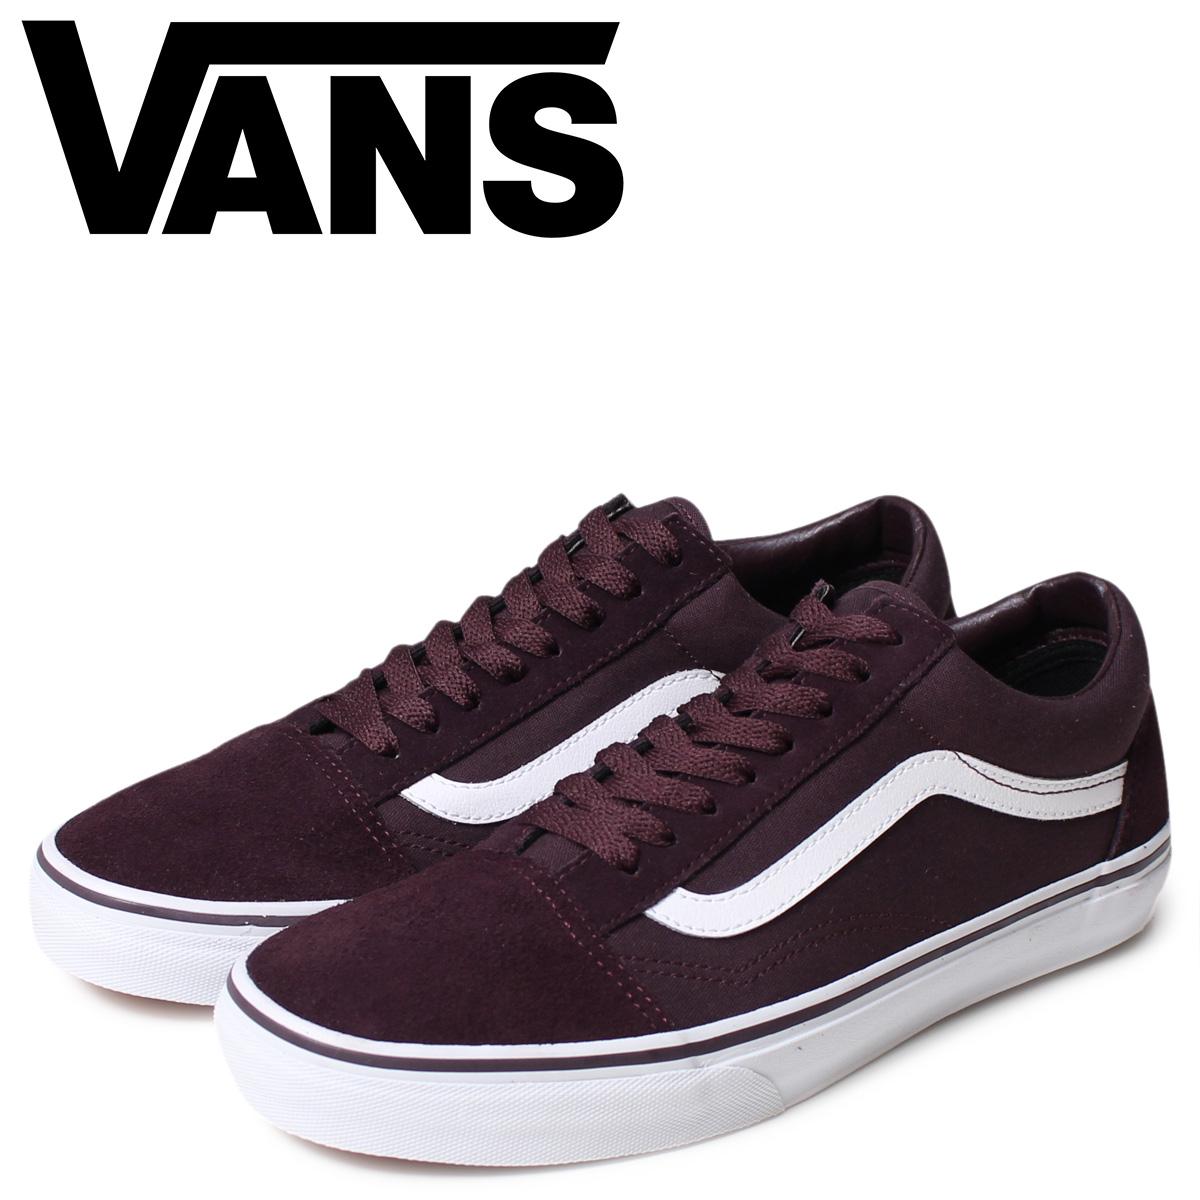 vans all school